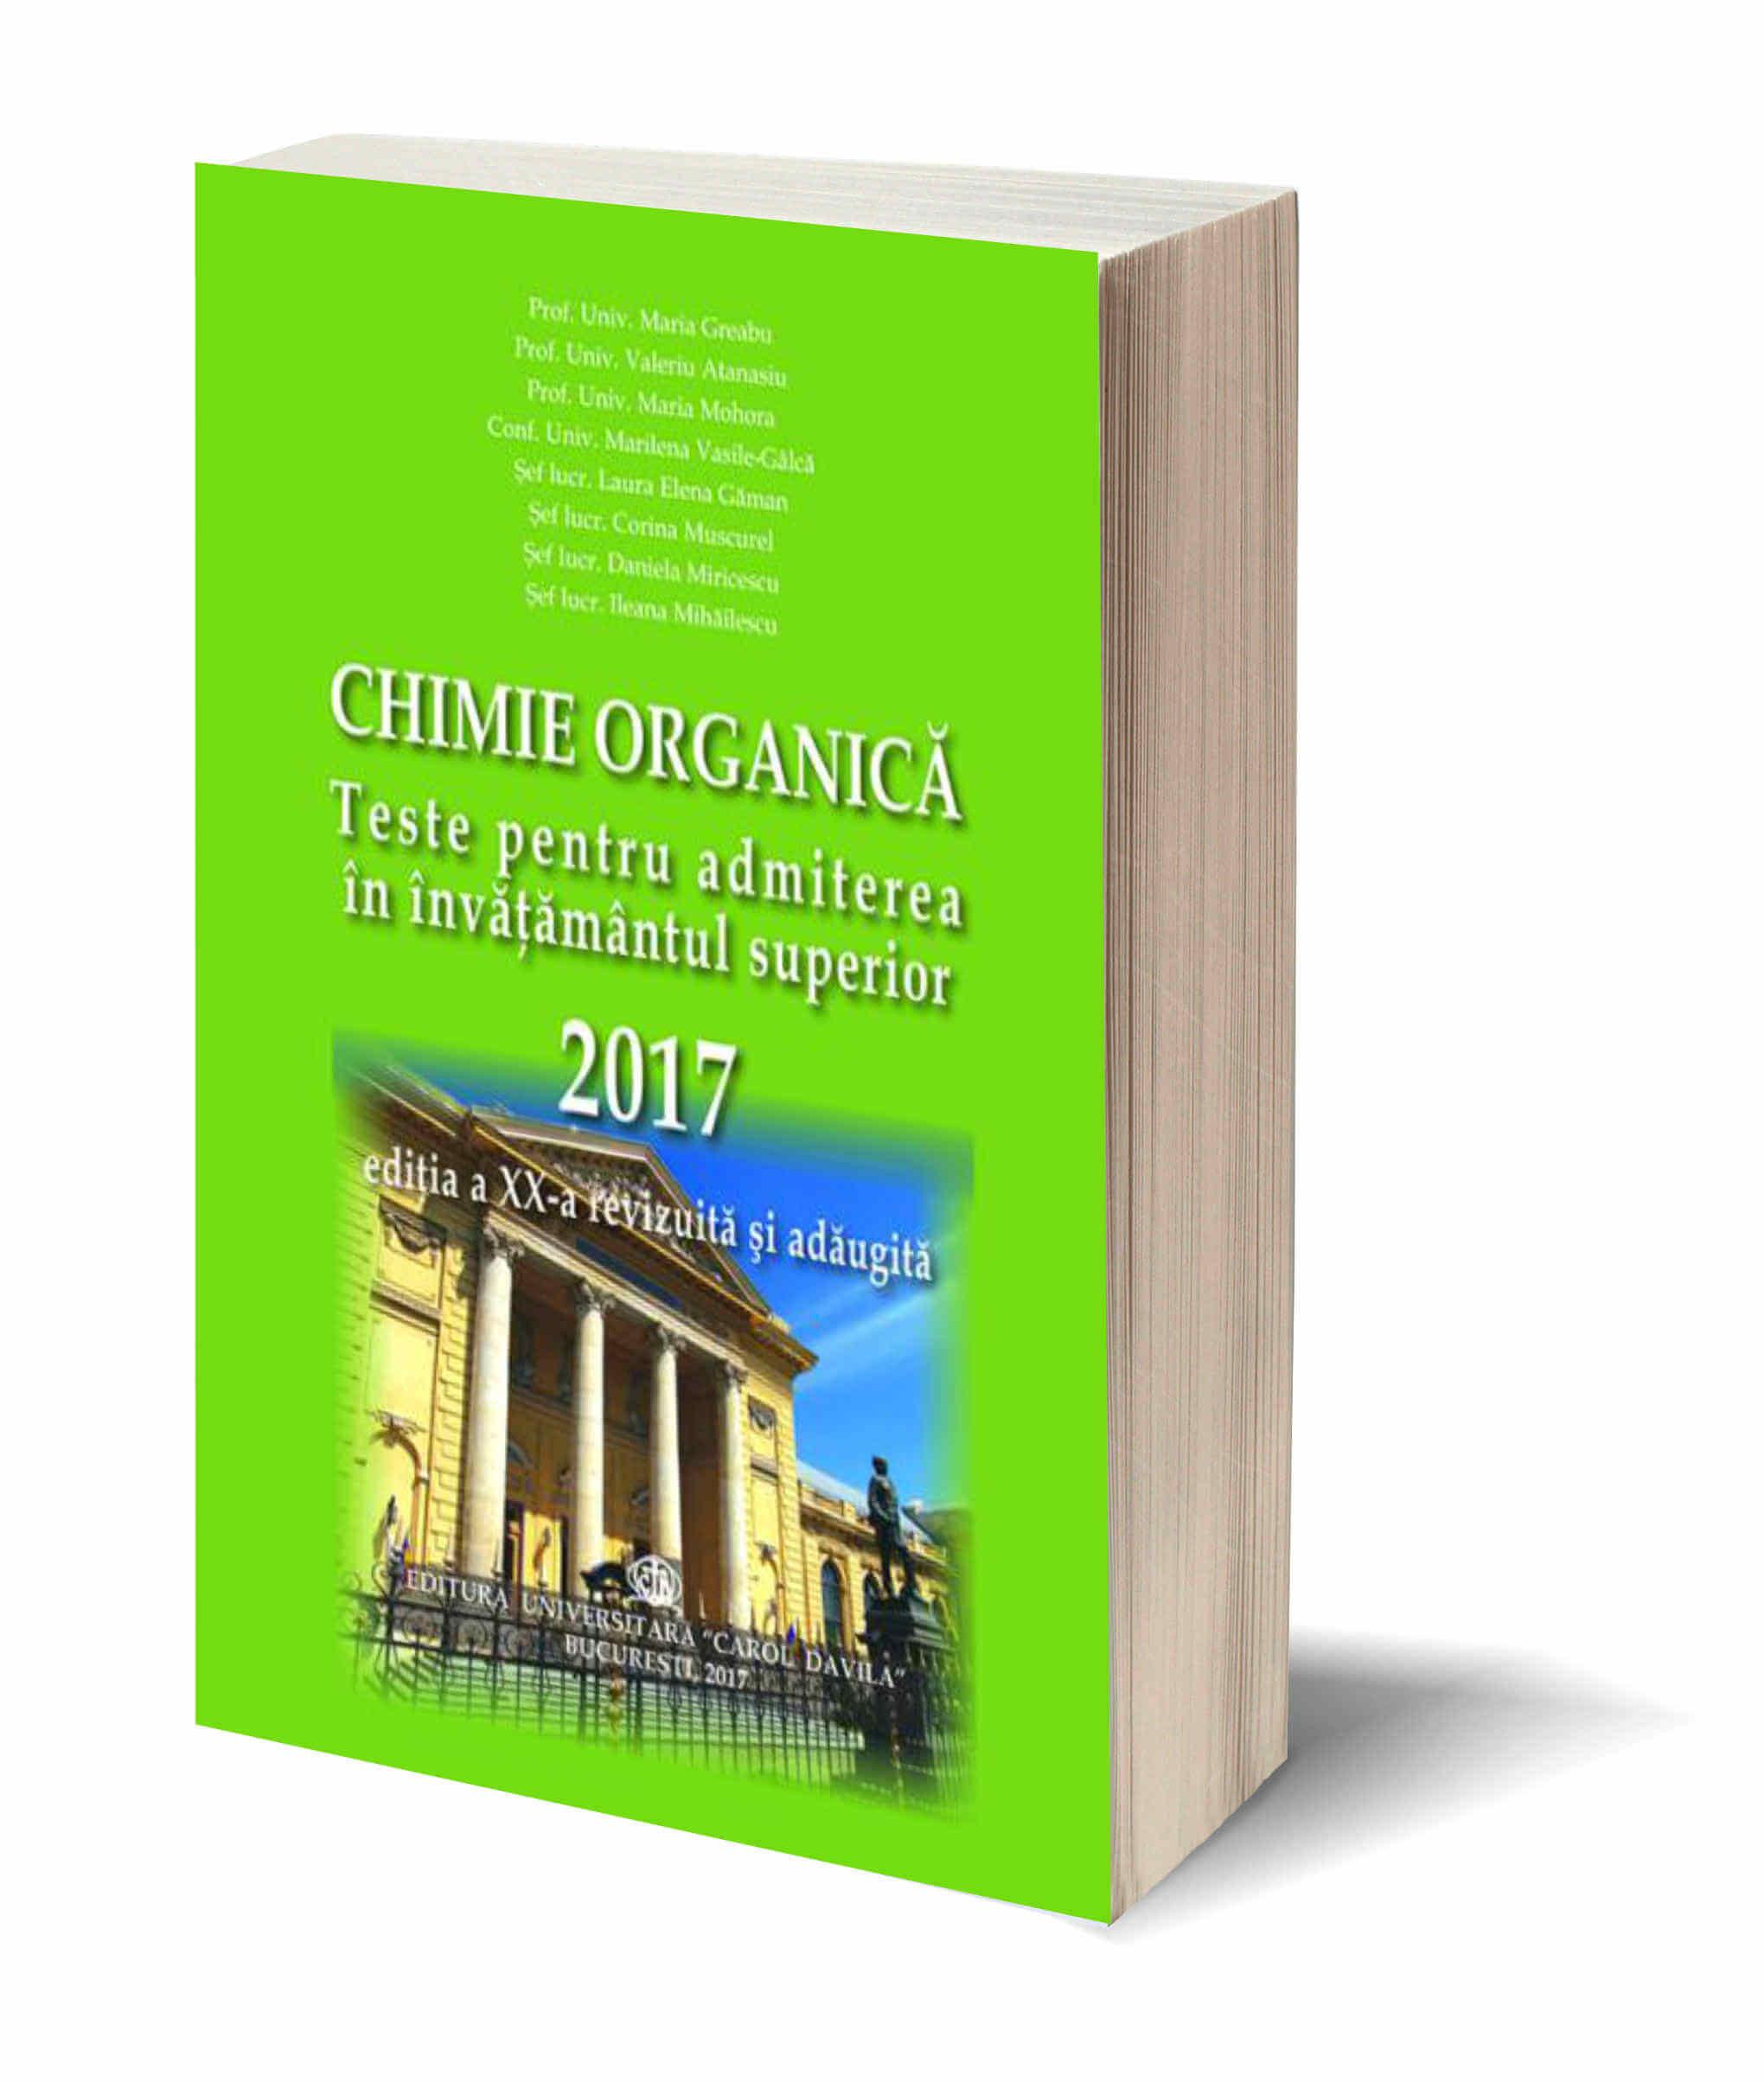 Chimie Organica Teste pt. admiterea in invatamantul superior 2017